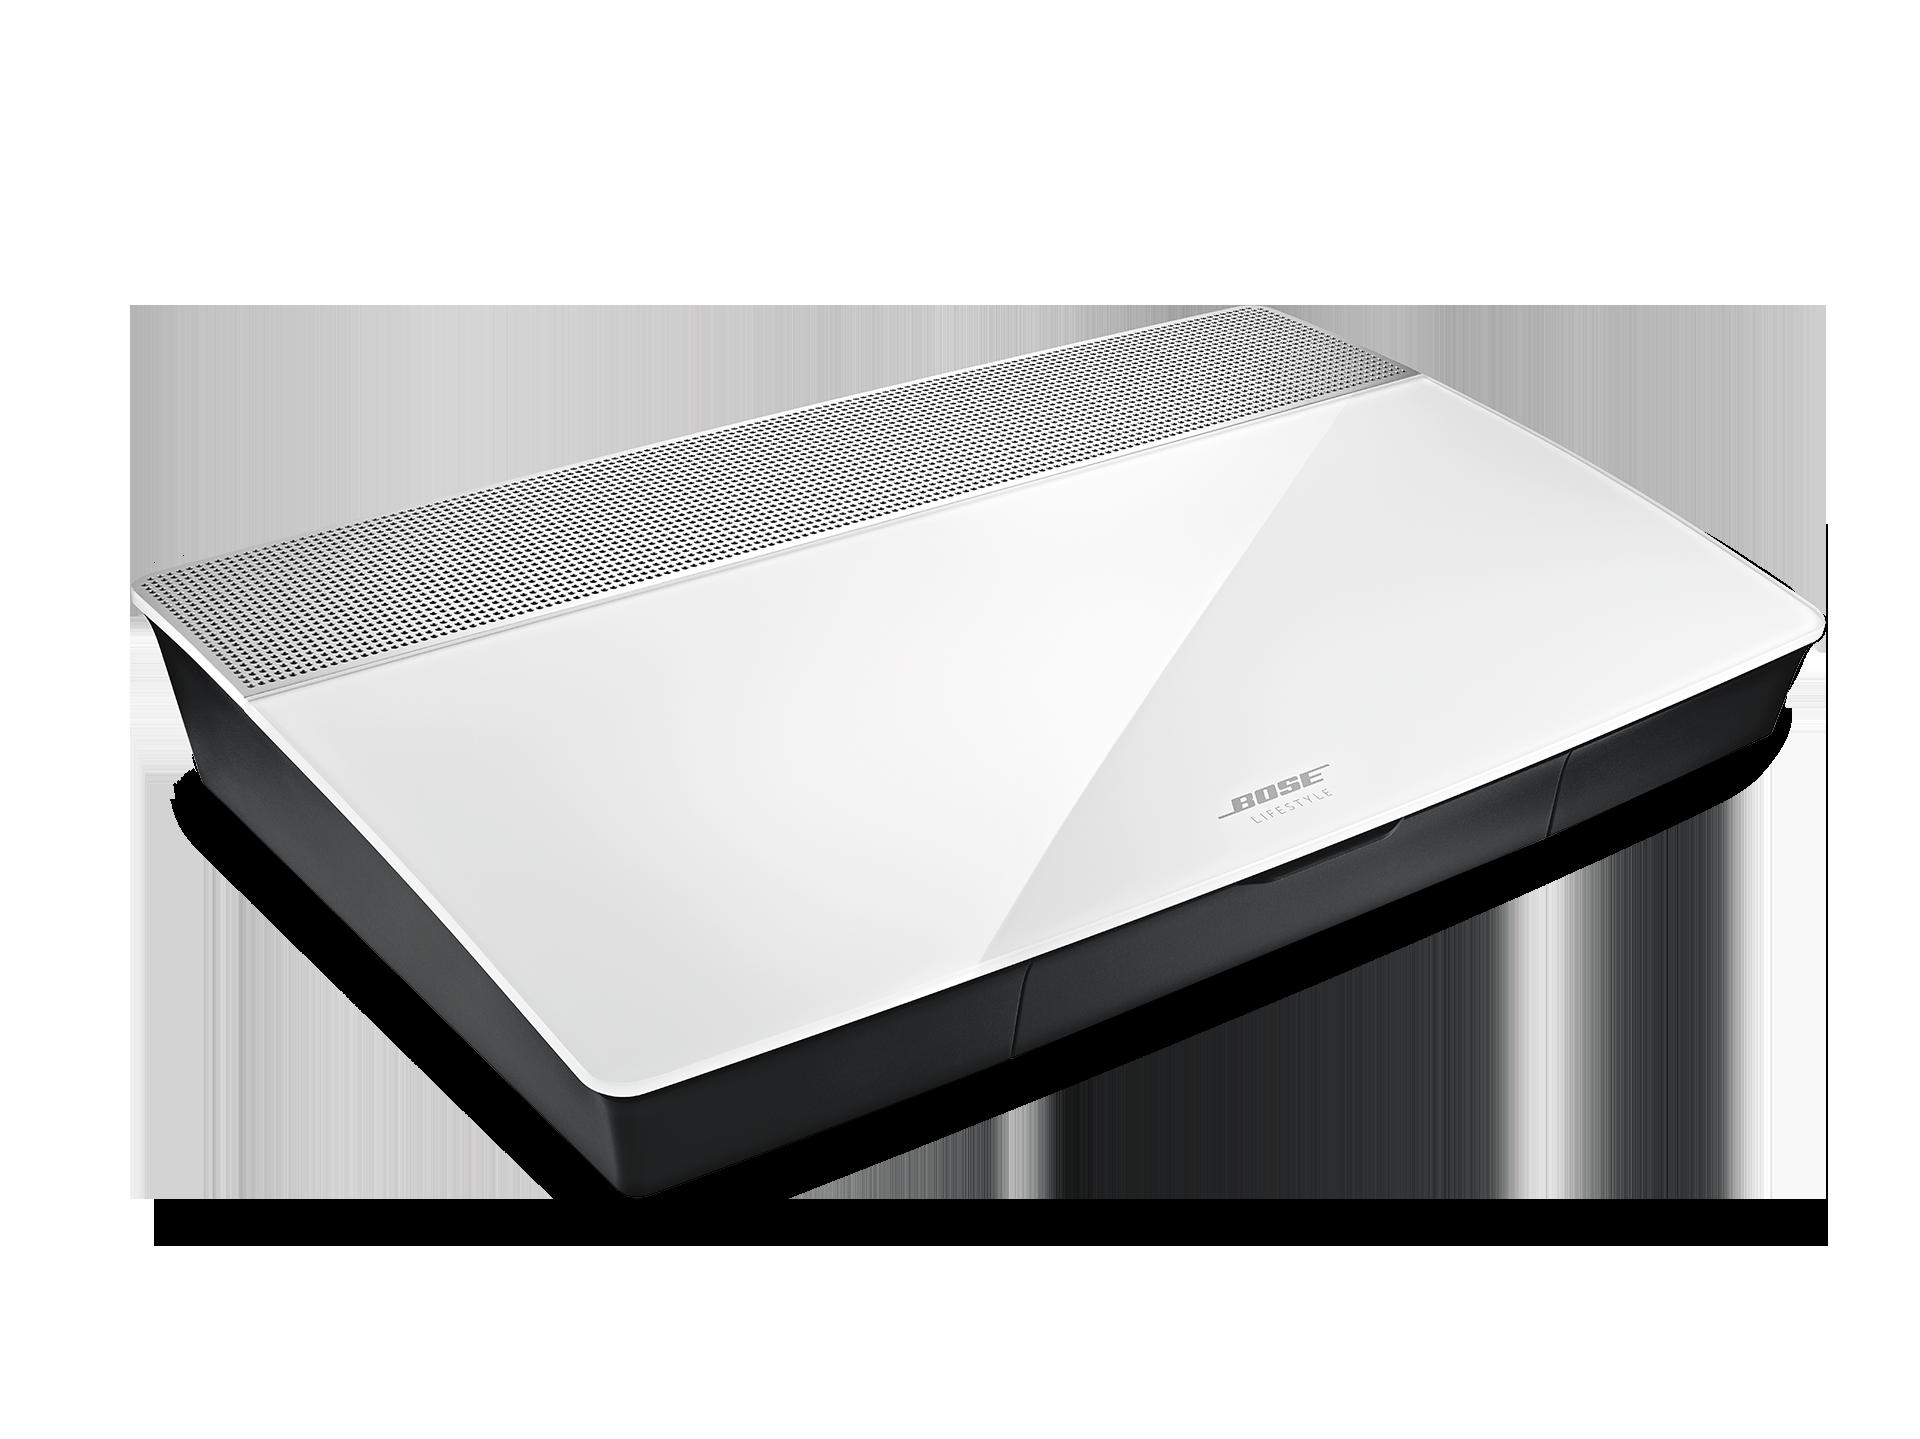 Console- Système home cinéma Lifestyle 600 ControlSound